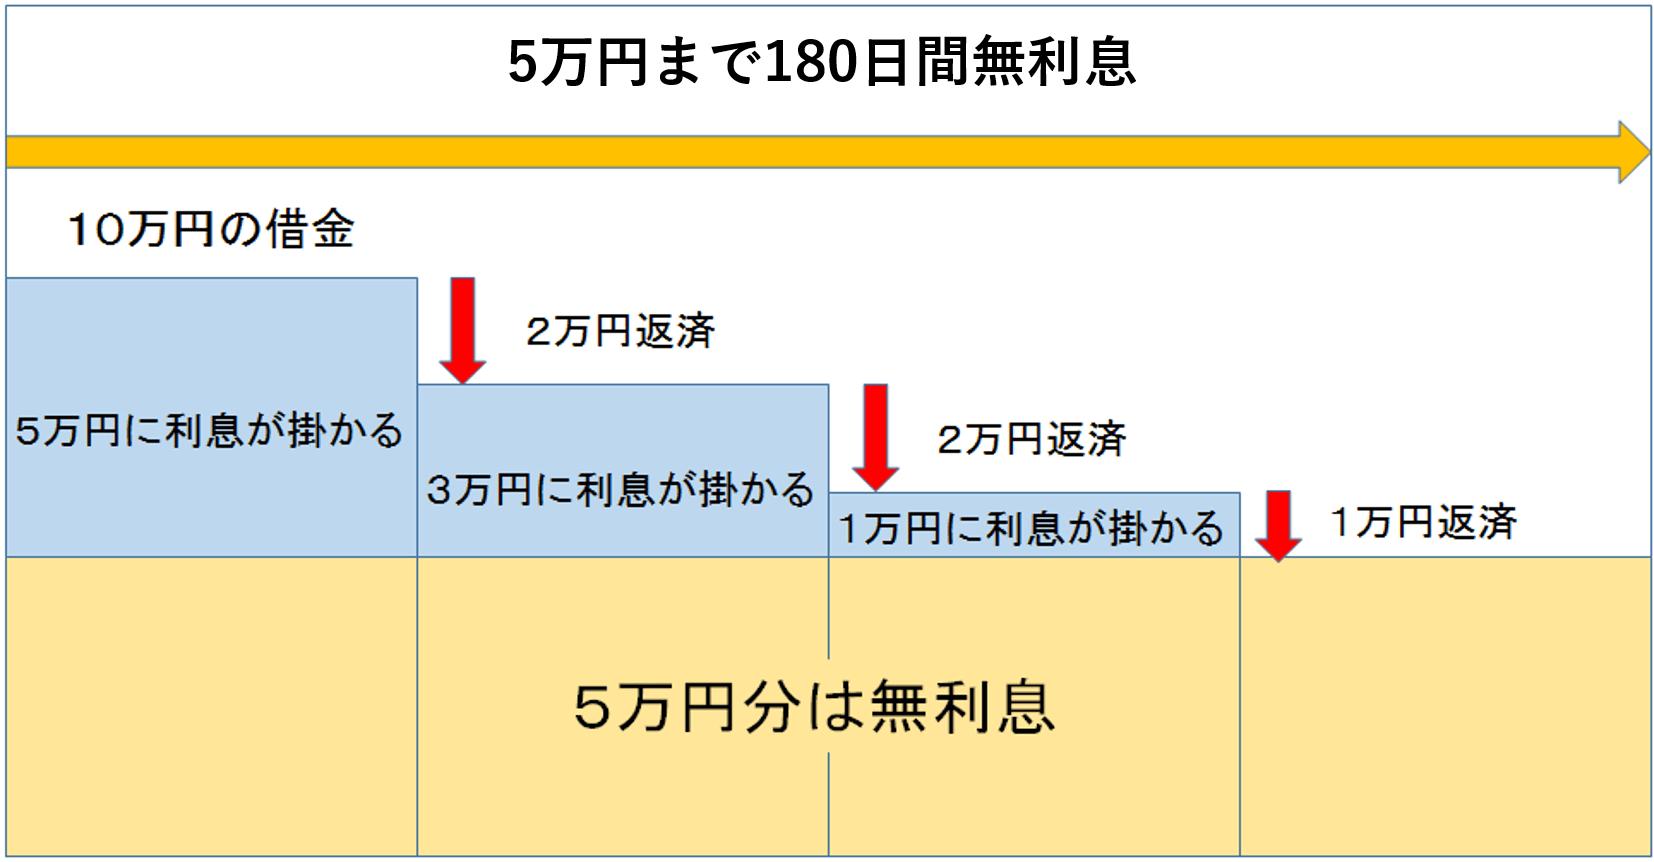 180日間 キャンペーン